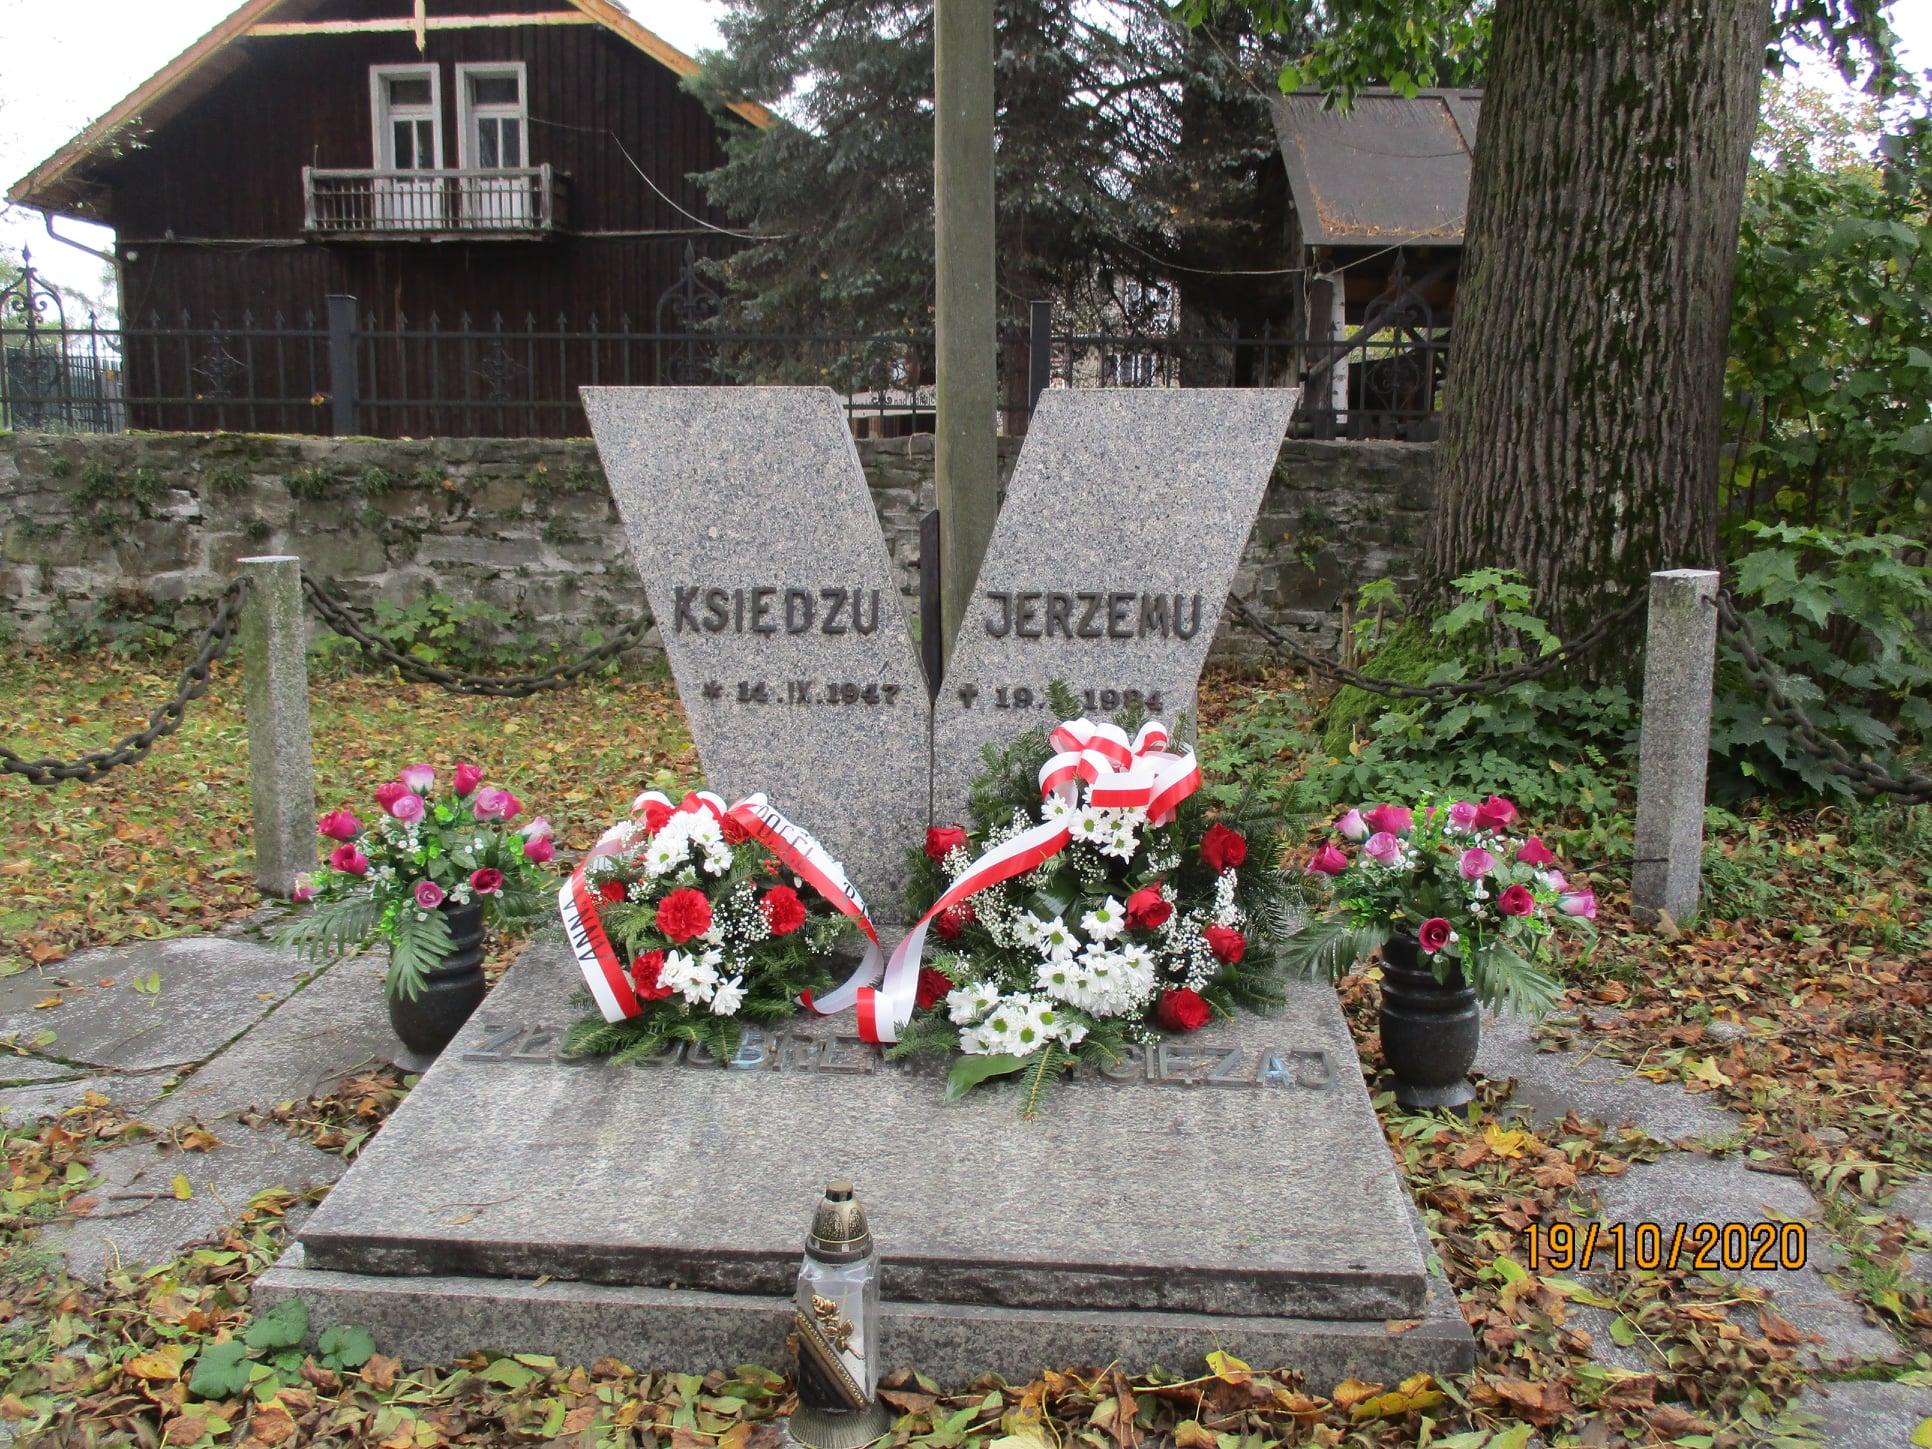 Poseł Anna Paluch wraz z przedstawicielami Urzędu Gminy w osobach wójta Jana Dydy oraz sekretarz Doroty Jurkowskiej upamiętnili 36. rocznicę męczeńskiej śmierci błogosławionego księdza Jerzego Popiełuszki, składając kwiaty pod pomnikiem upamiętniającym kapelana Solidarności, znajdującym się przy kościele pw. Wszystkich Świętych.